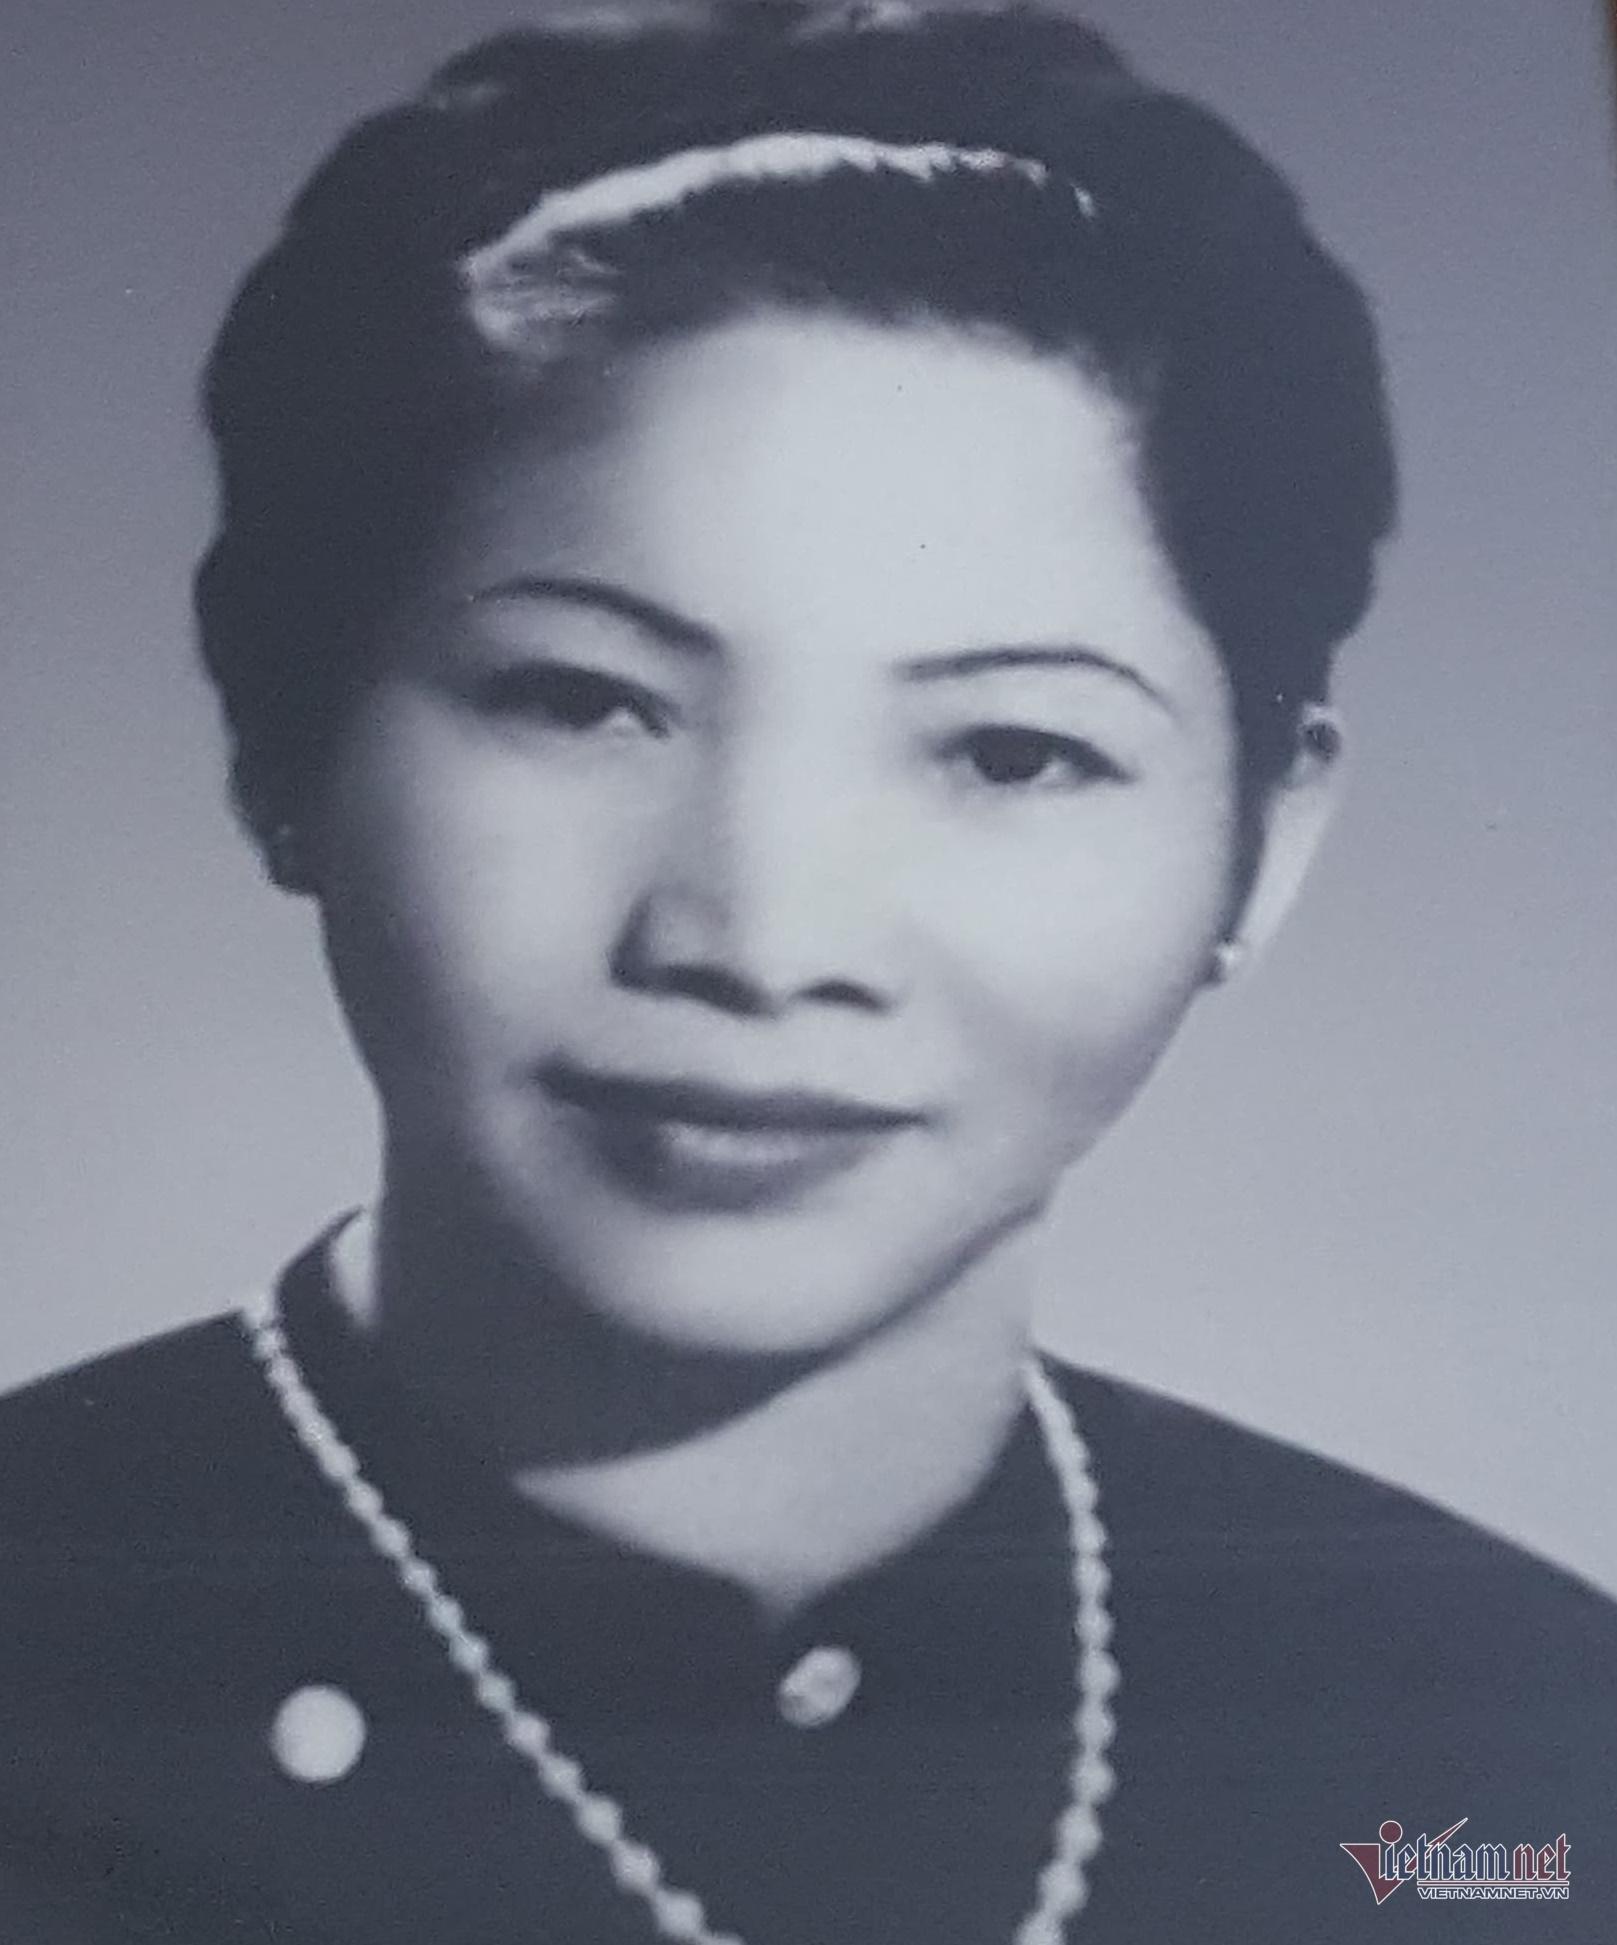 Mẹ chồng dạy con dâu Hà Nội giữ lửa hôn nhân bằng bí quyết vàng